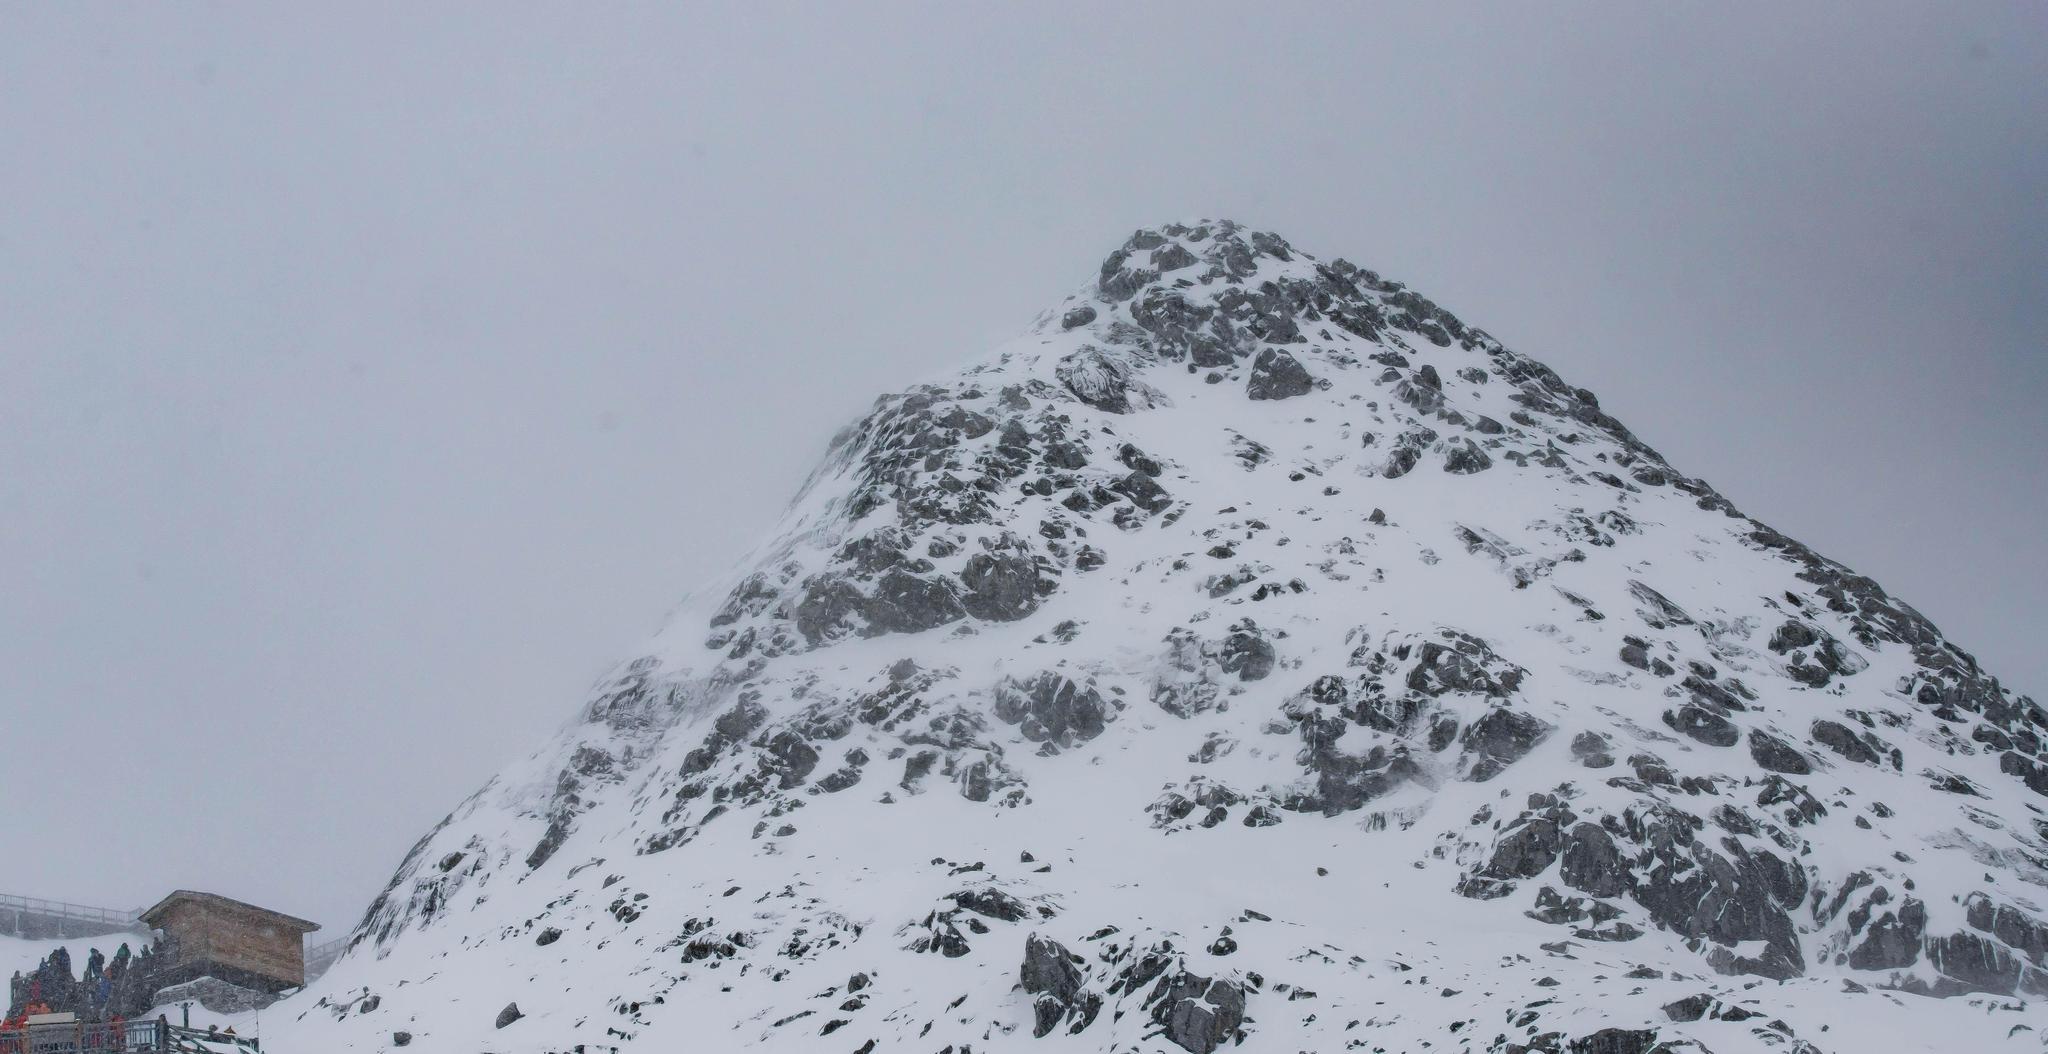 运气不错,我上了玉龙雪山!